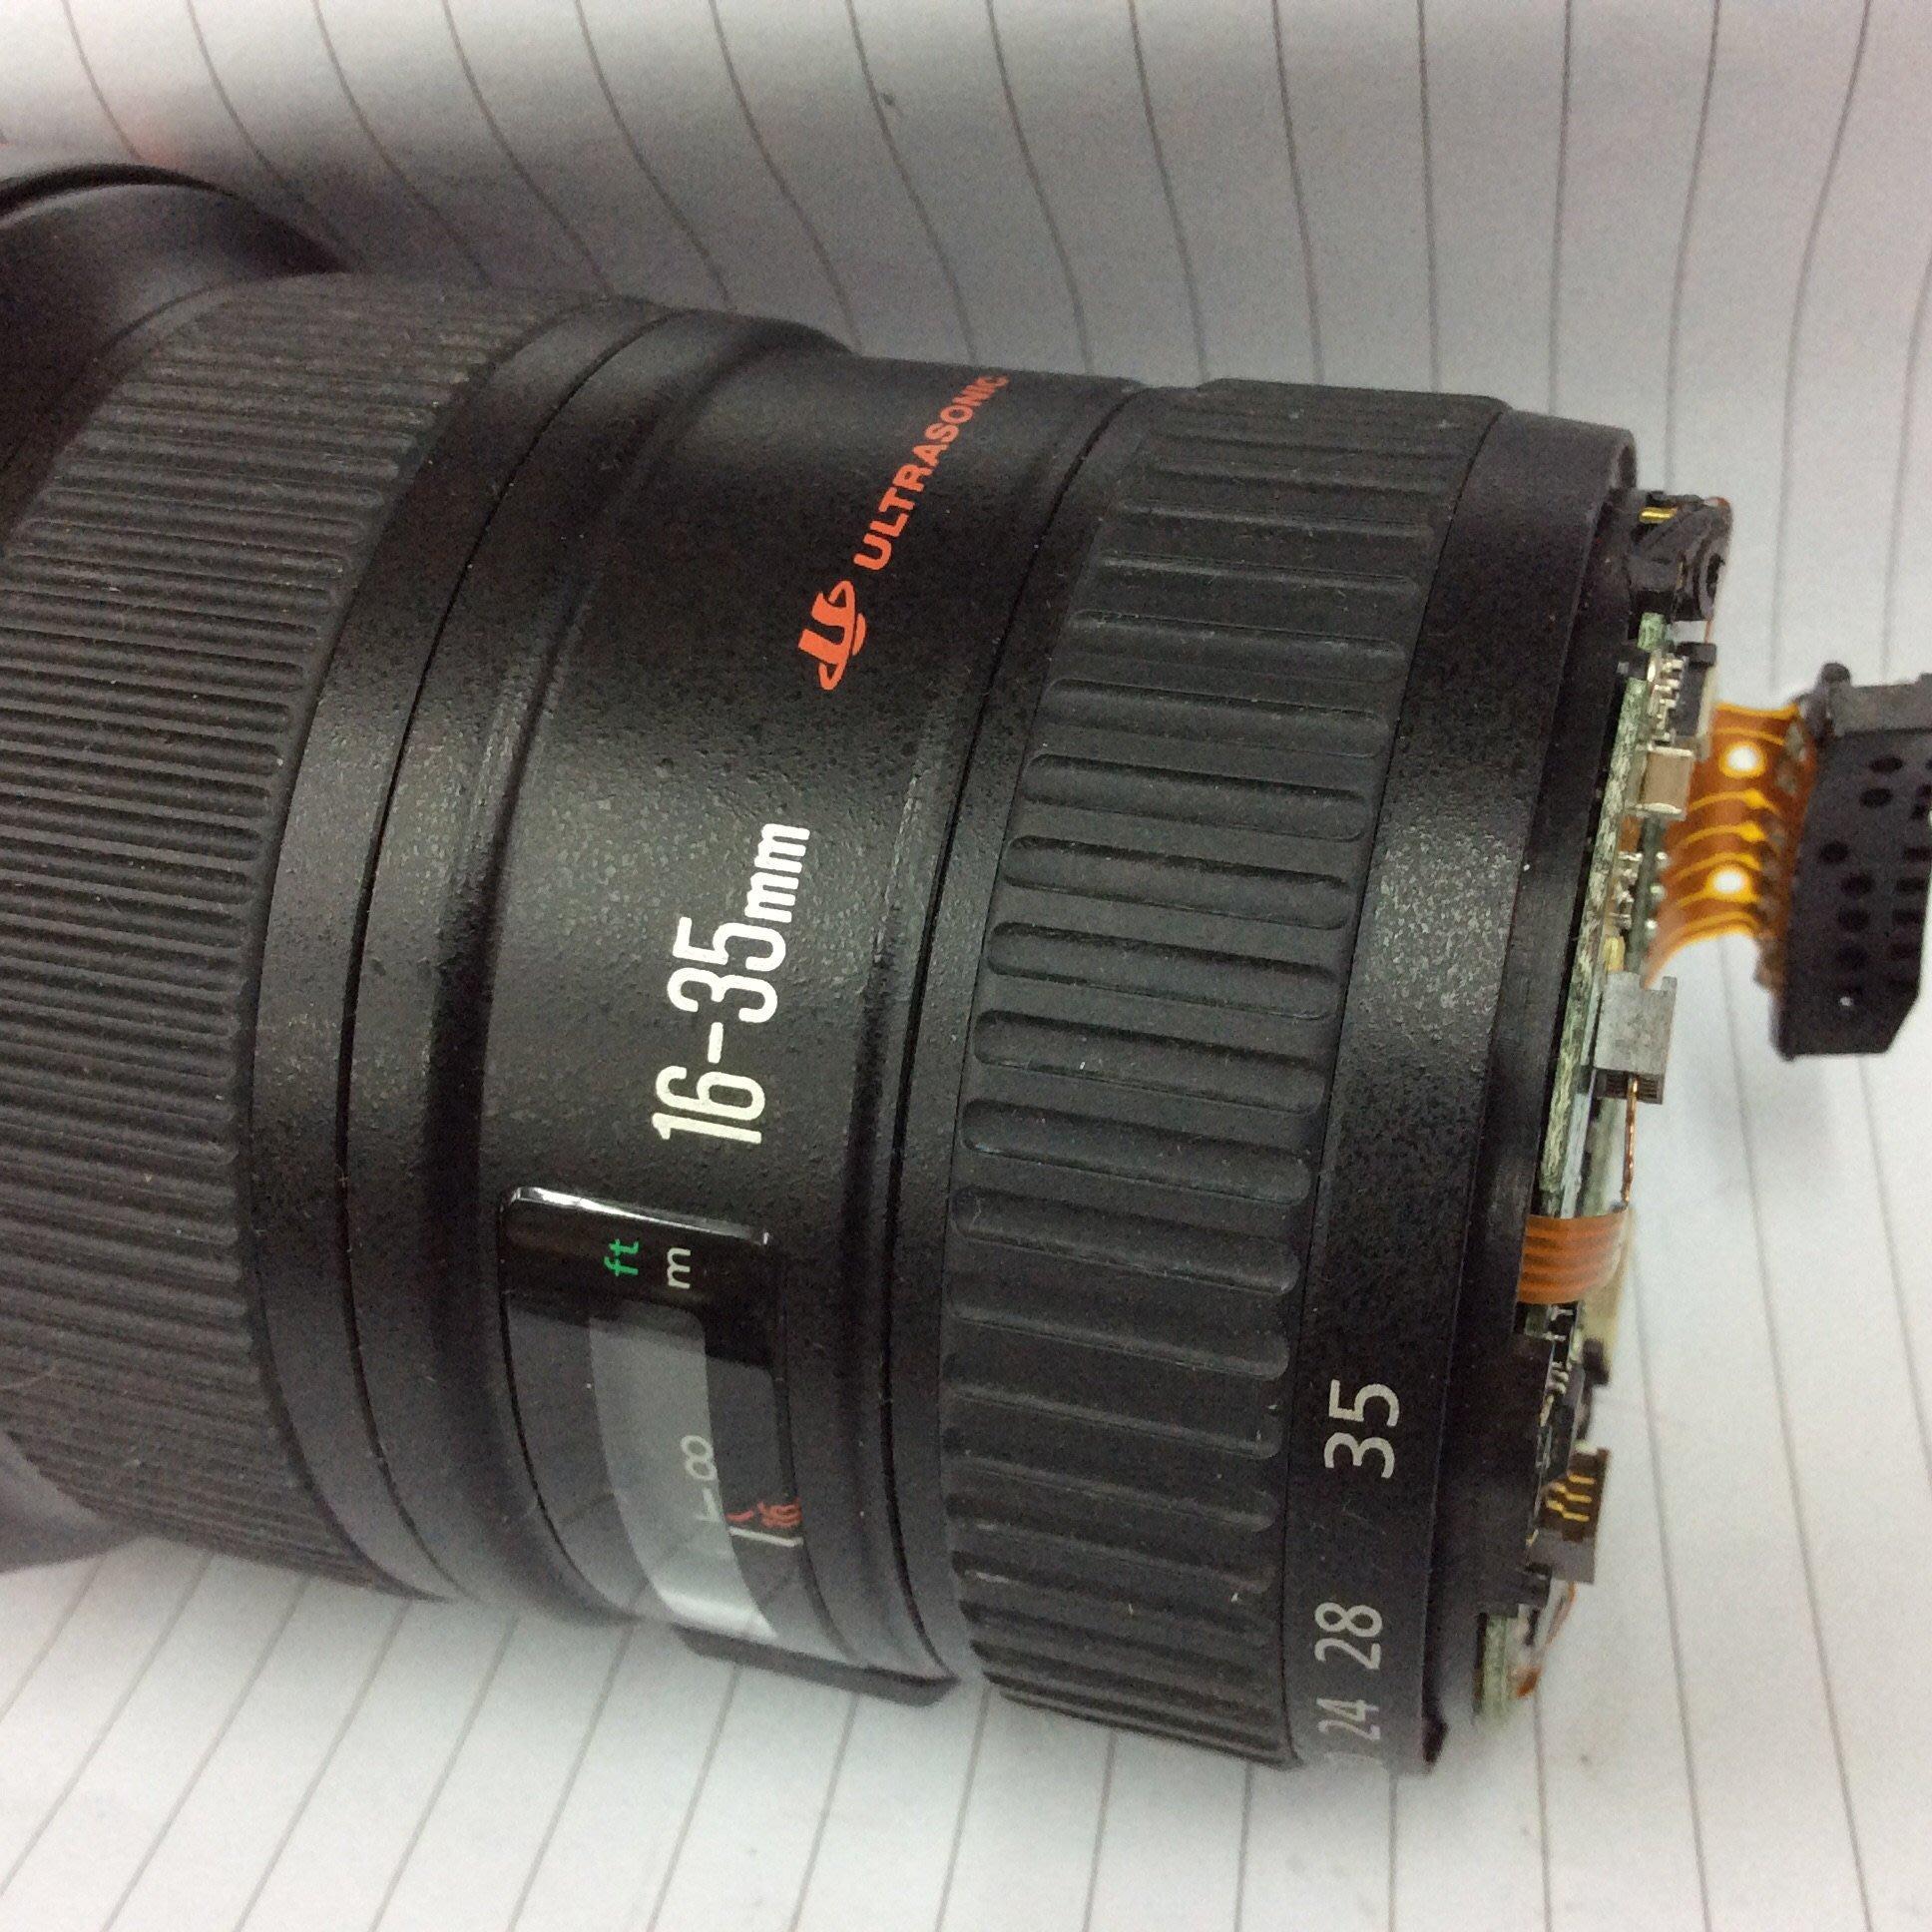 【明豐相機維修 ] Canon EF 16-35mm f2.8 L USM 支架筒 斷 更換維修服務 17-40mm